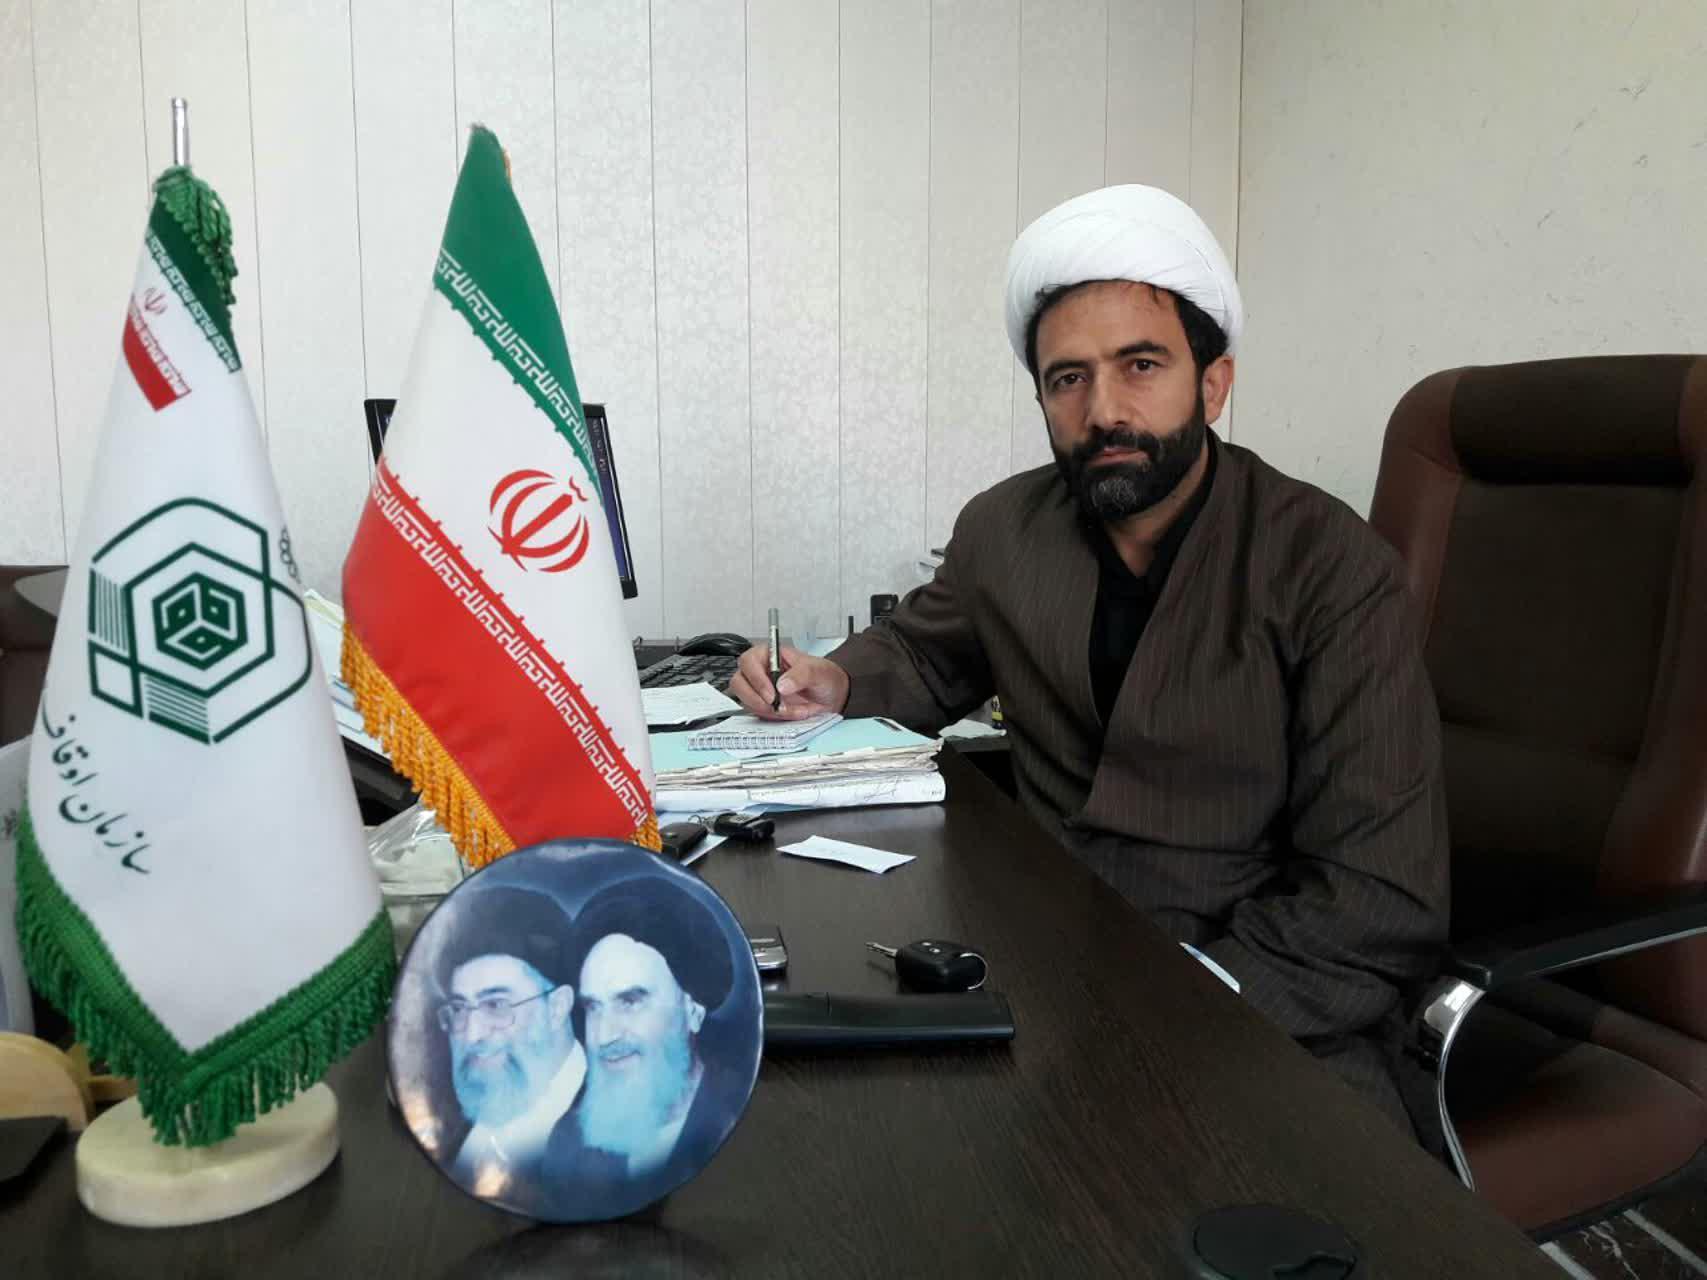 حجت الاسلام جواد جاسمی رئیس اوقاف و امور خیریه ناحیه یک کرمانشاه